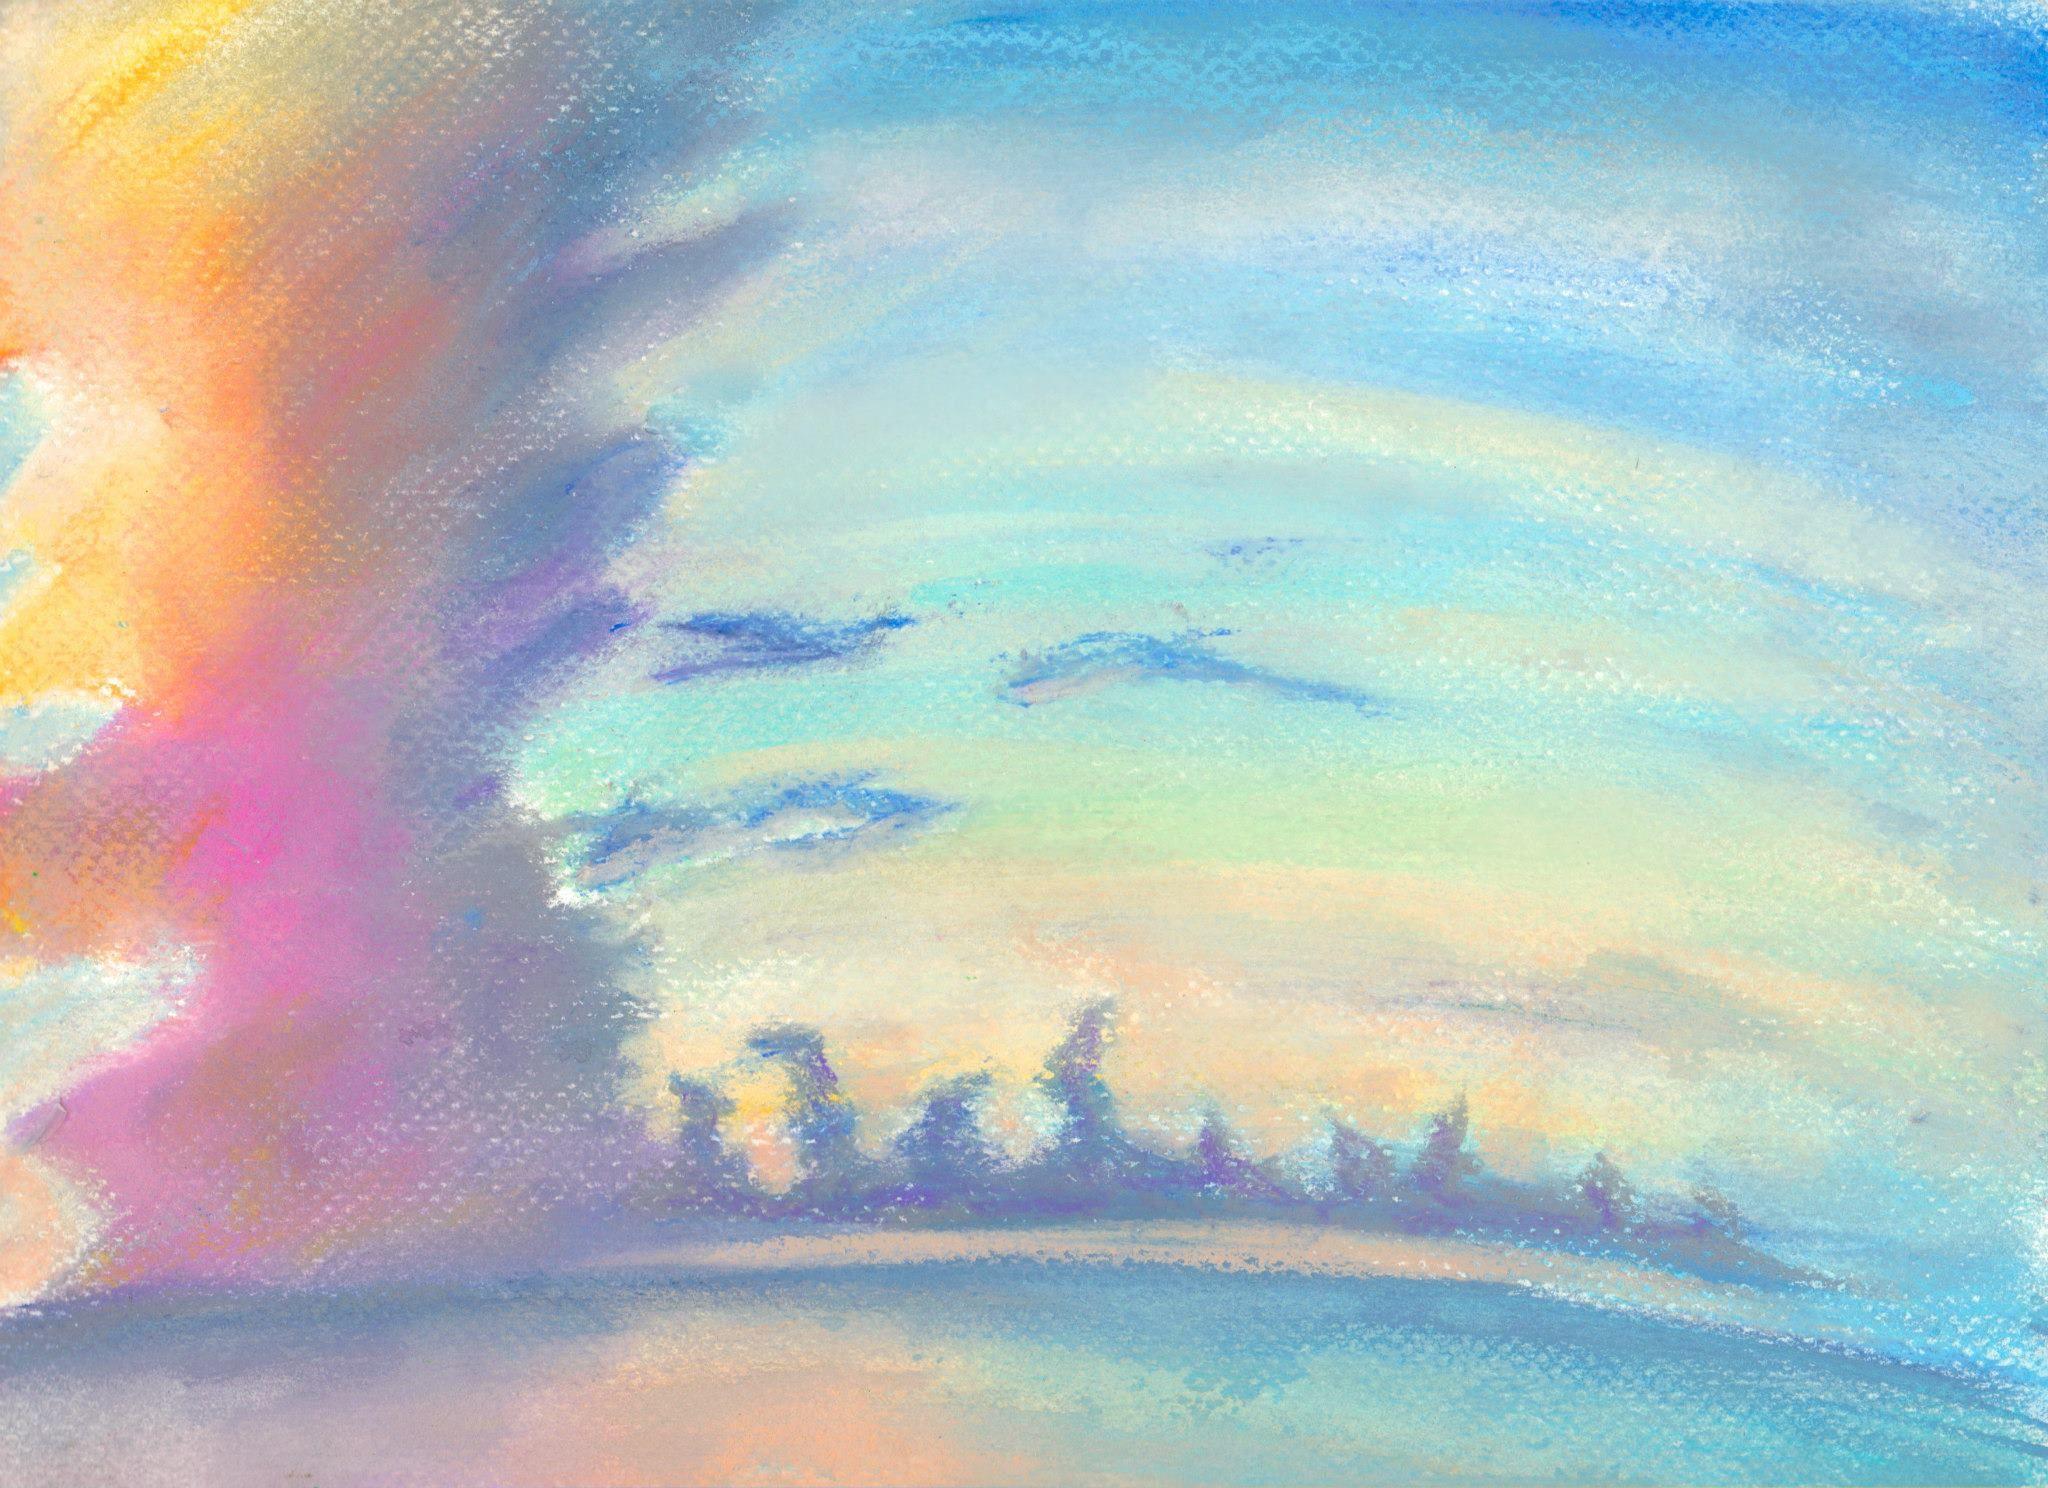 """""""Dream,""""  Pastel, 9x12 in.  Sarah Szabo (2012)"""